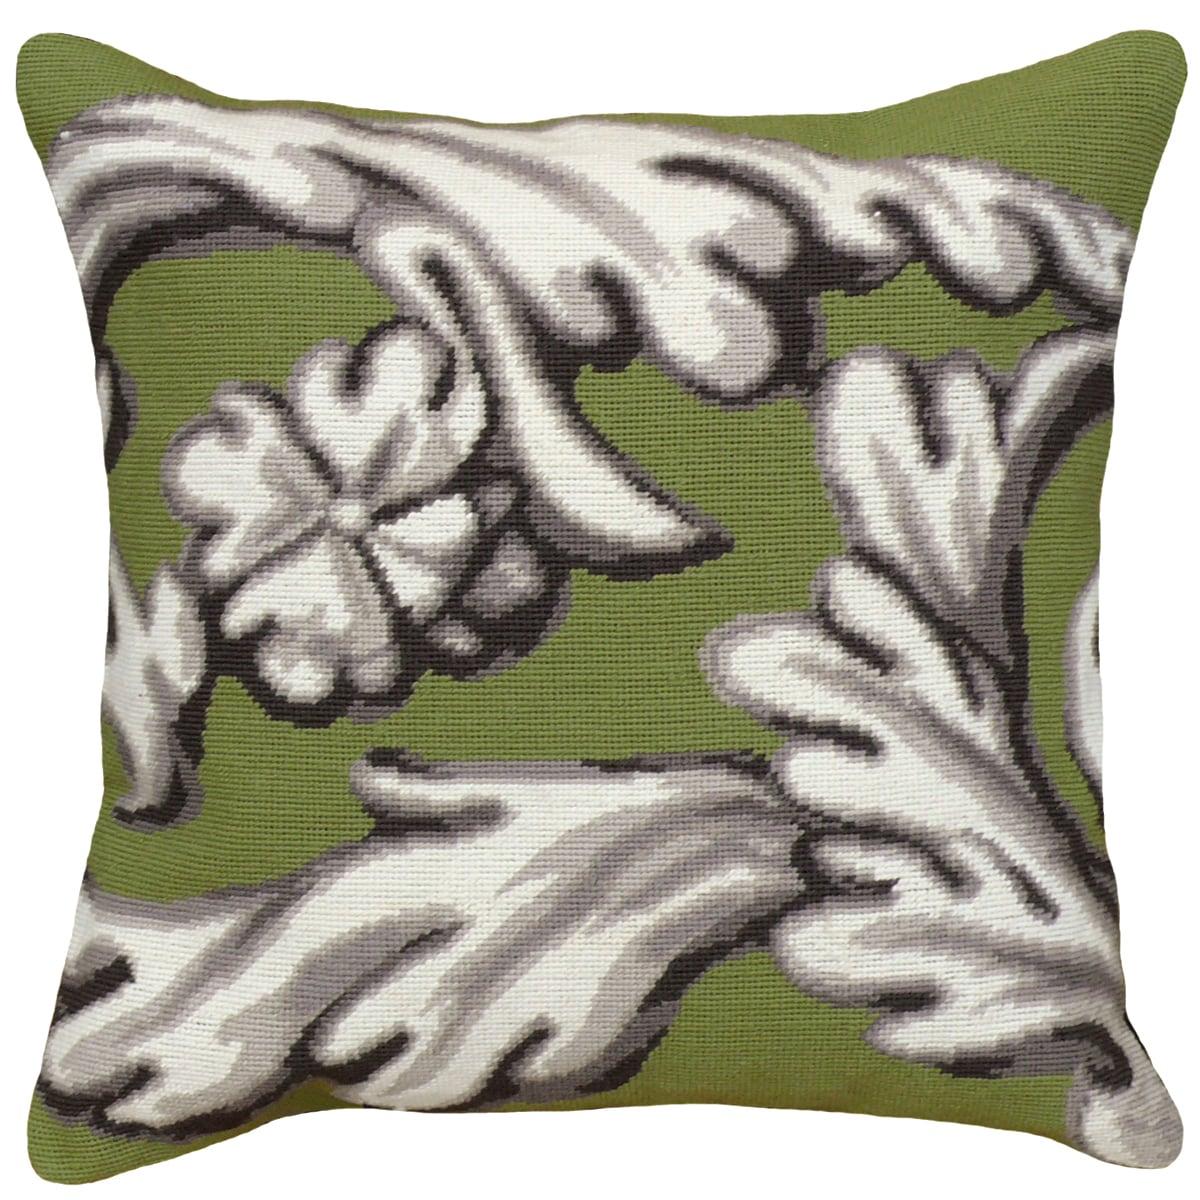 Green Scroll Needlepoint Pillow